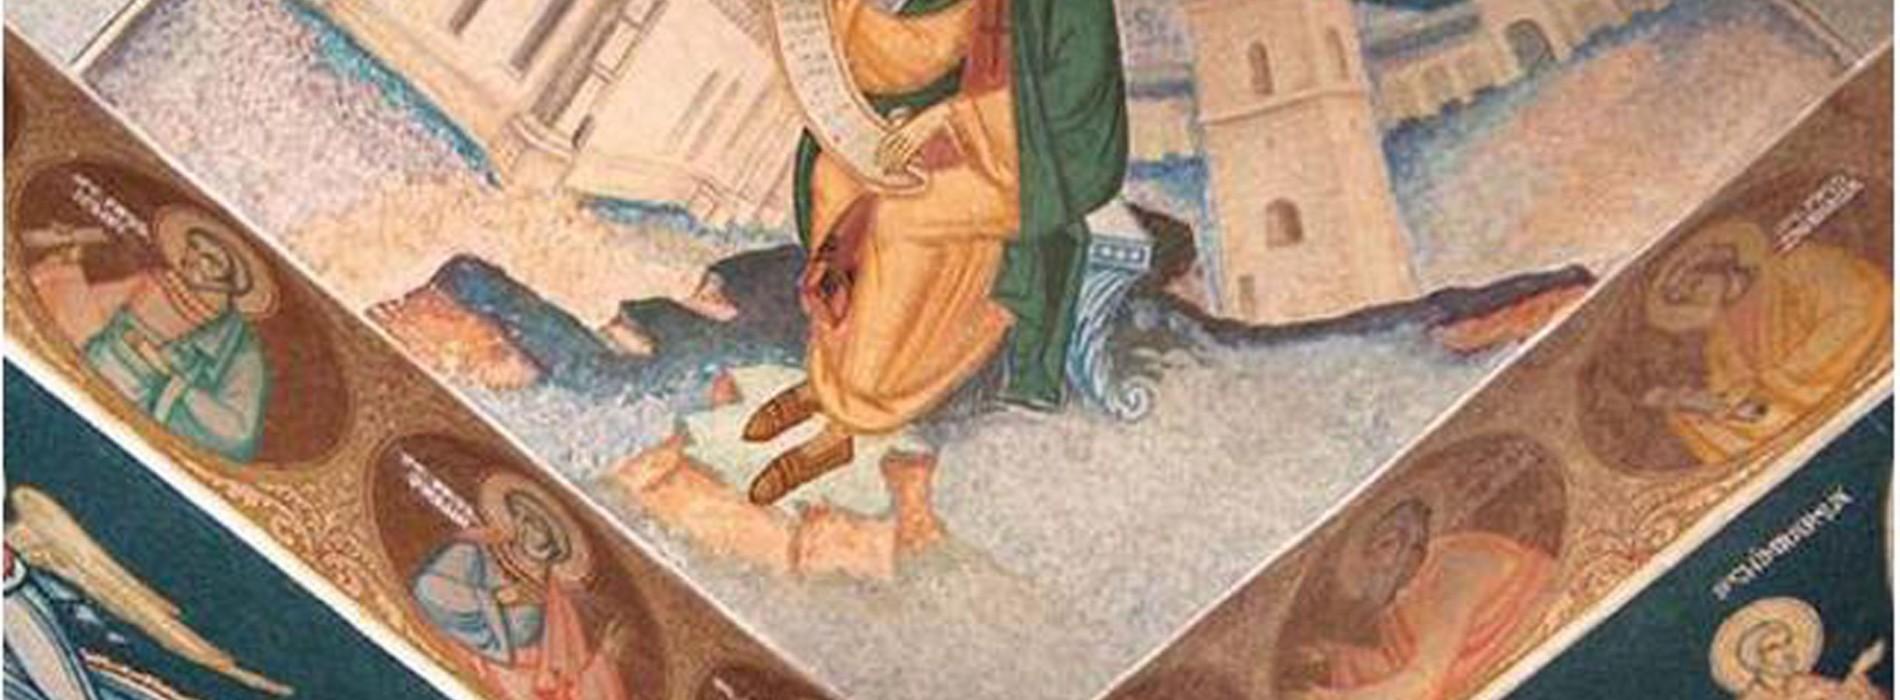 Frescele Bisericii Dragomirna, restaurate prin Regio, concurează pentru Premiul Publicului!